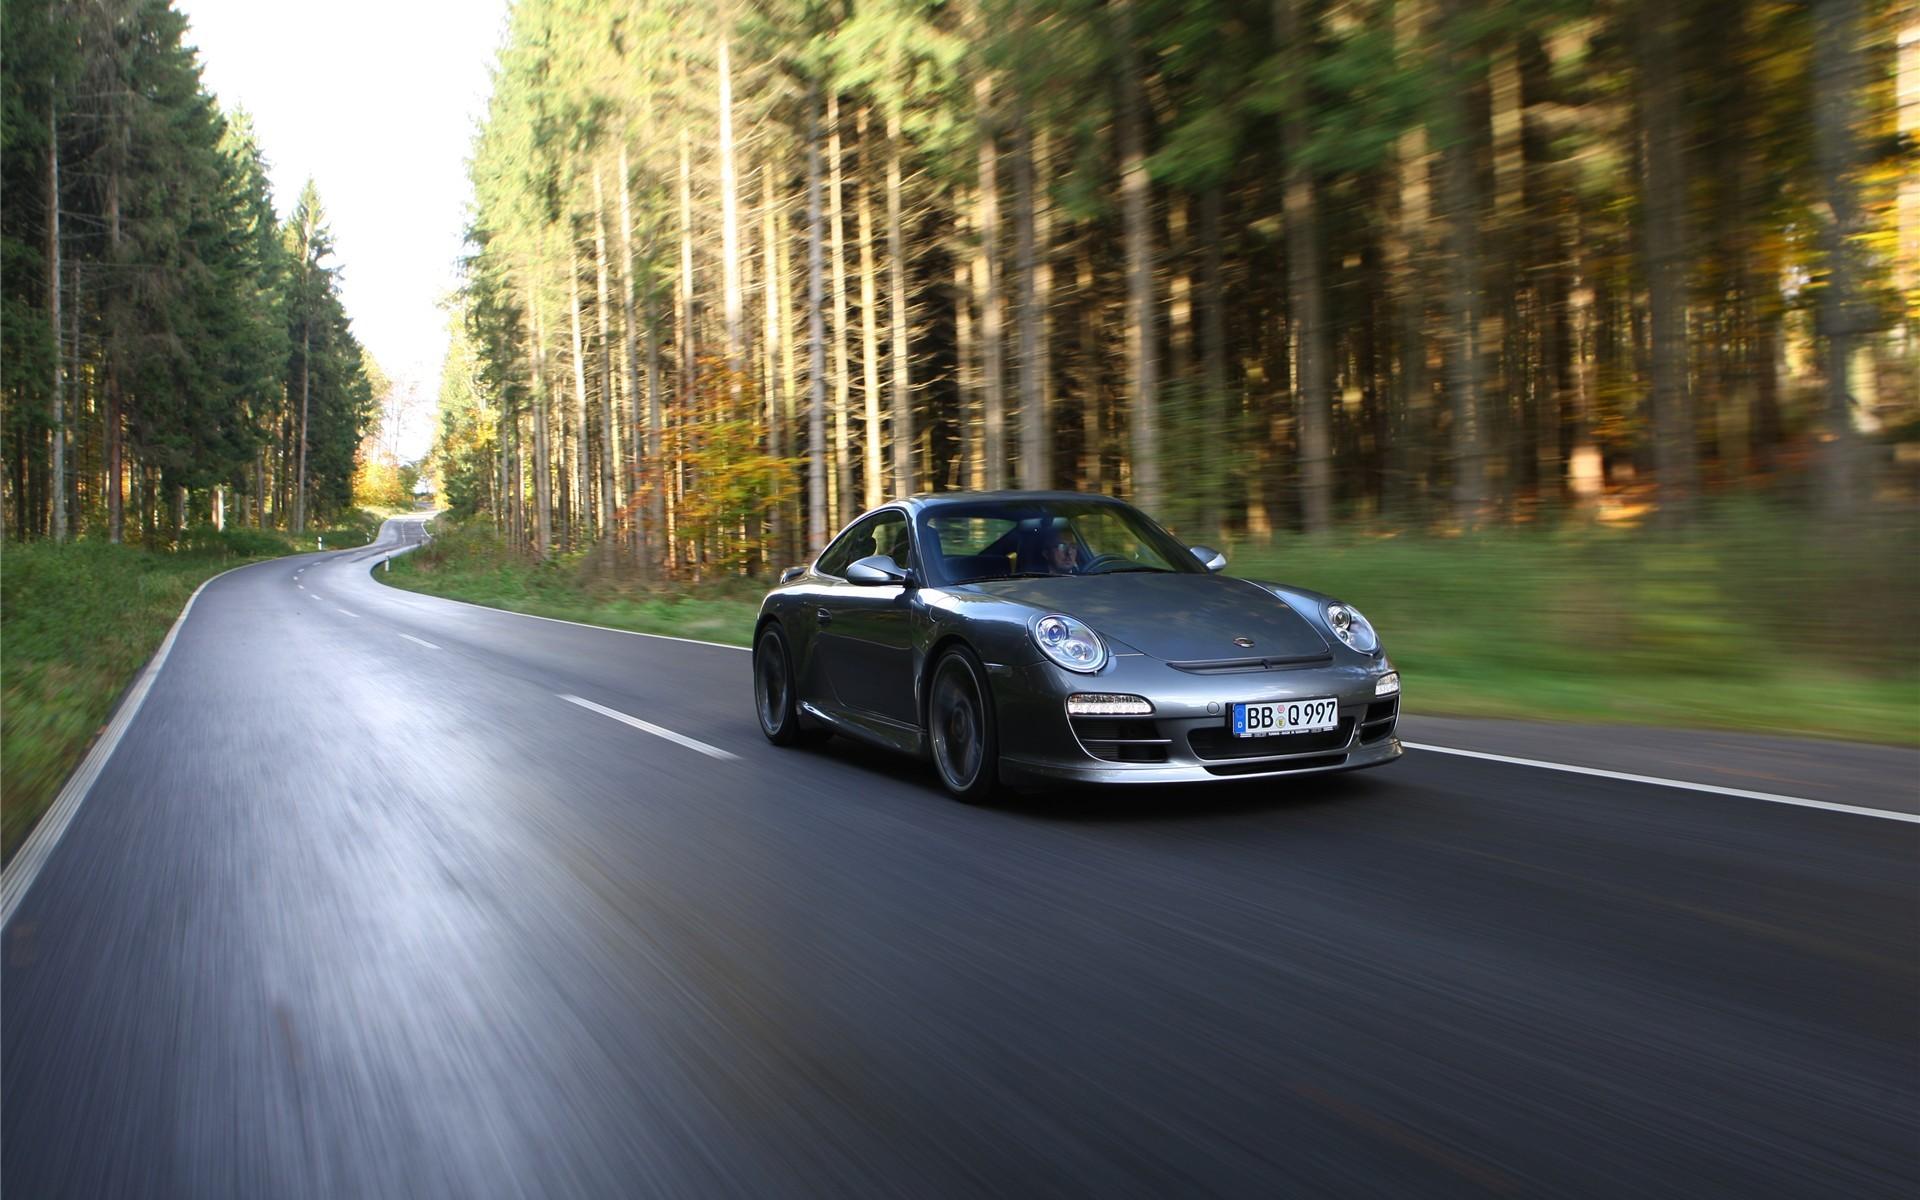 9626 скачать обои Транспорт, Машины, Порш (Porsche) - заставки и картинки бесплатно